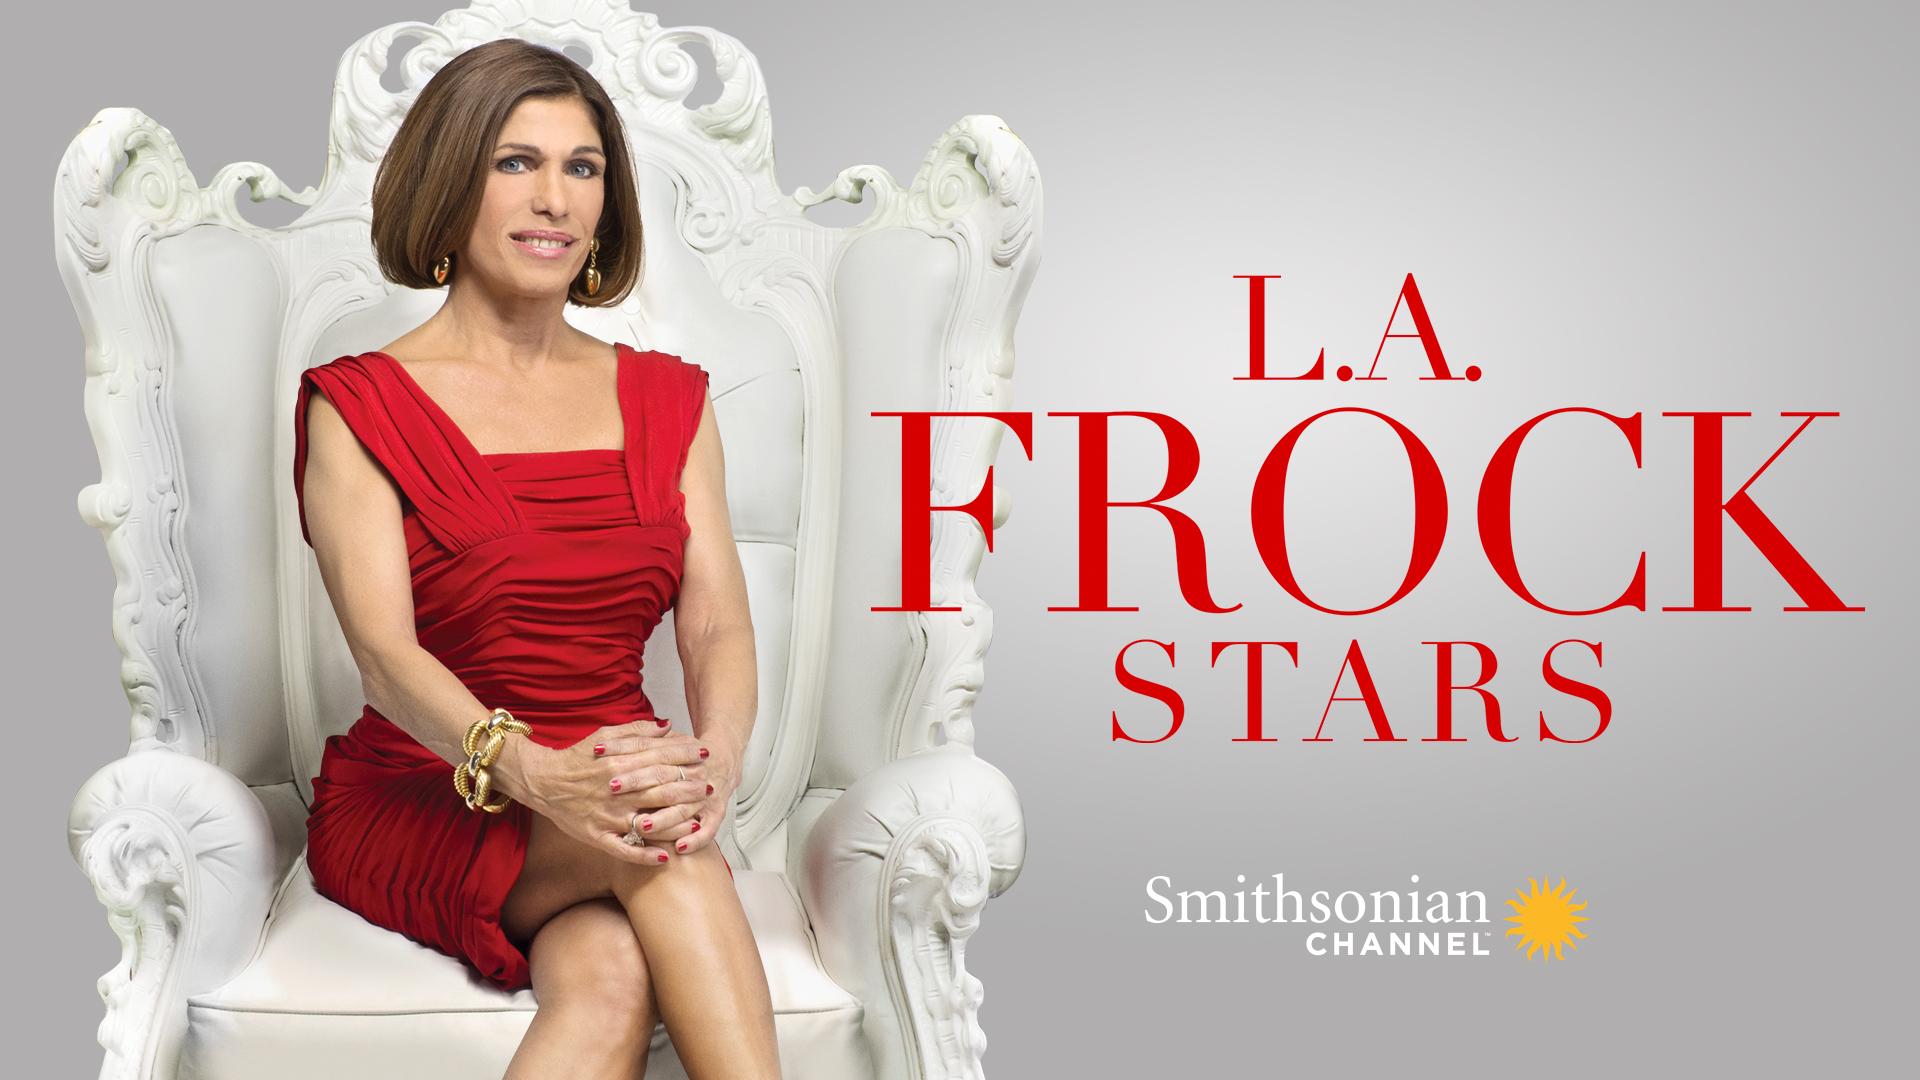 L.A. Frock Stars Season 1